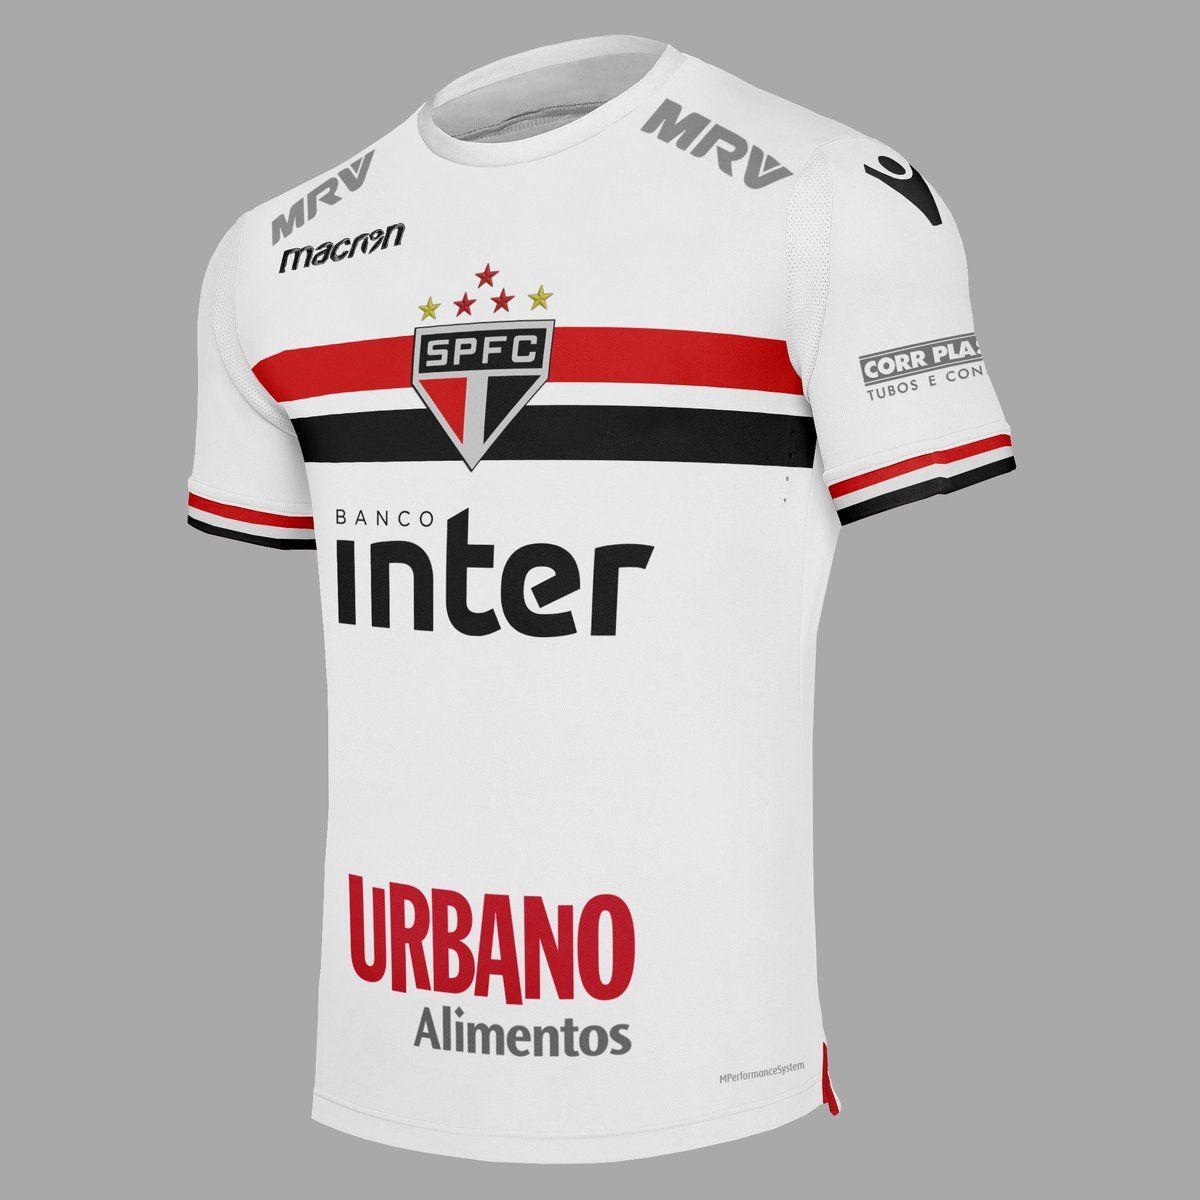 E se fosse assim - São Paulo Futebol Clube (SP) - Show de Camisas ... 6aa83f6e632c2